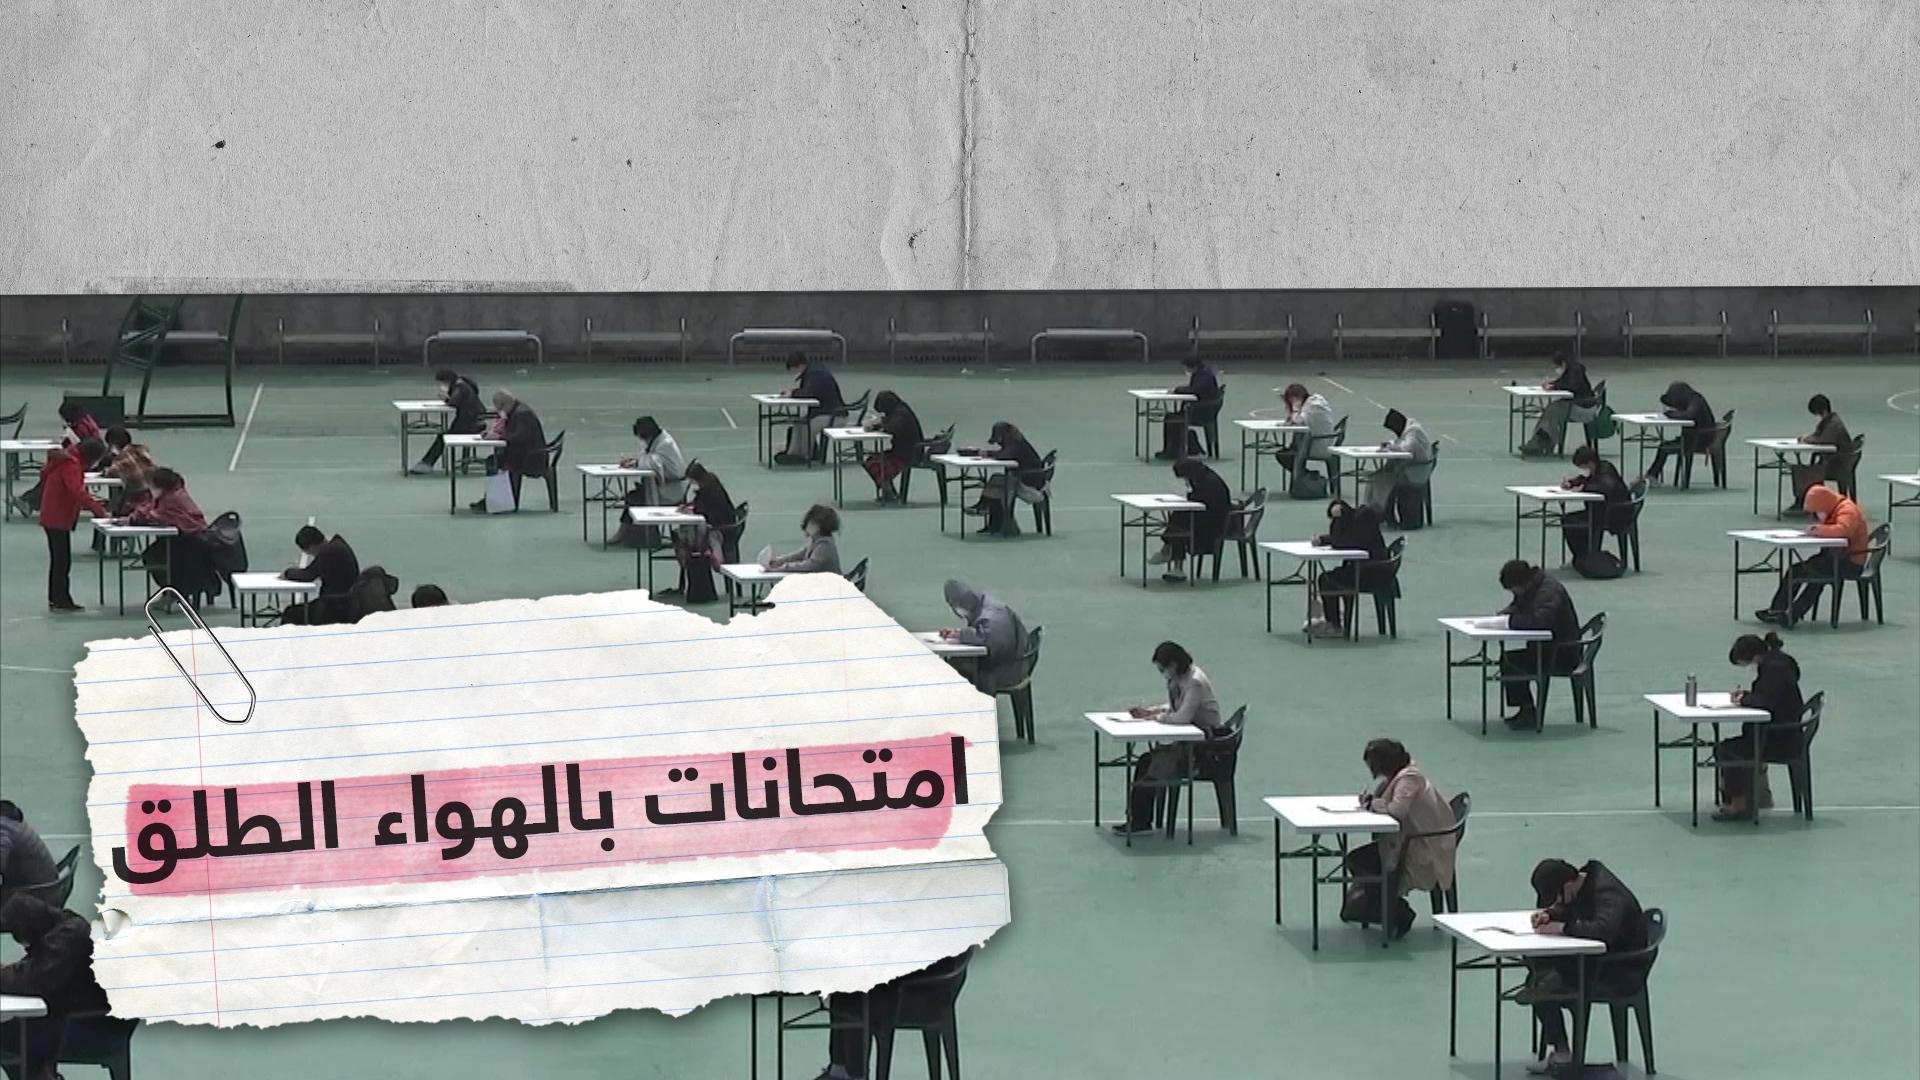 كوريا الجنوبية تجري امتحانات طلابها في ساحات المدارس